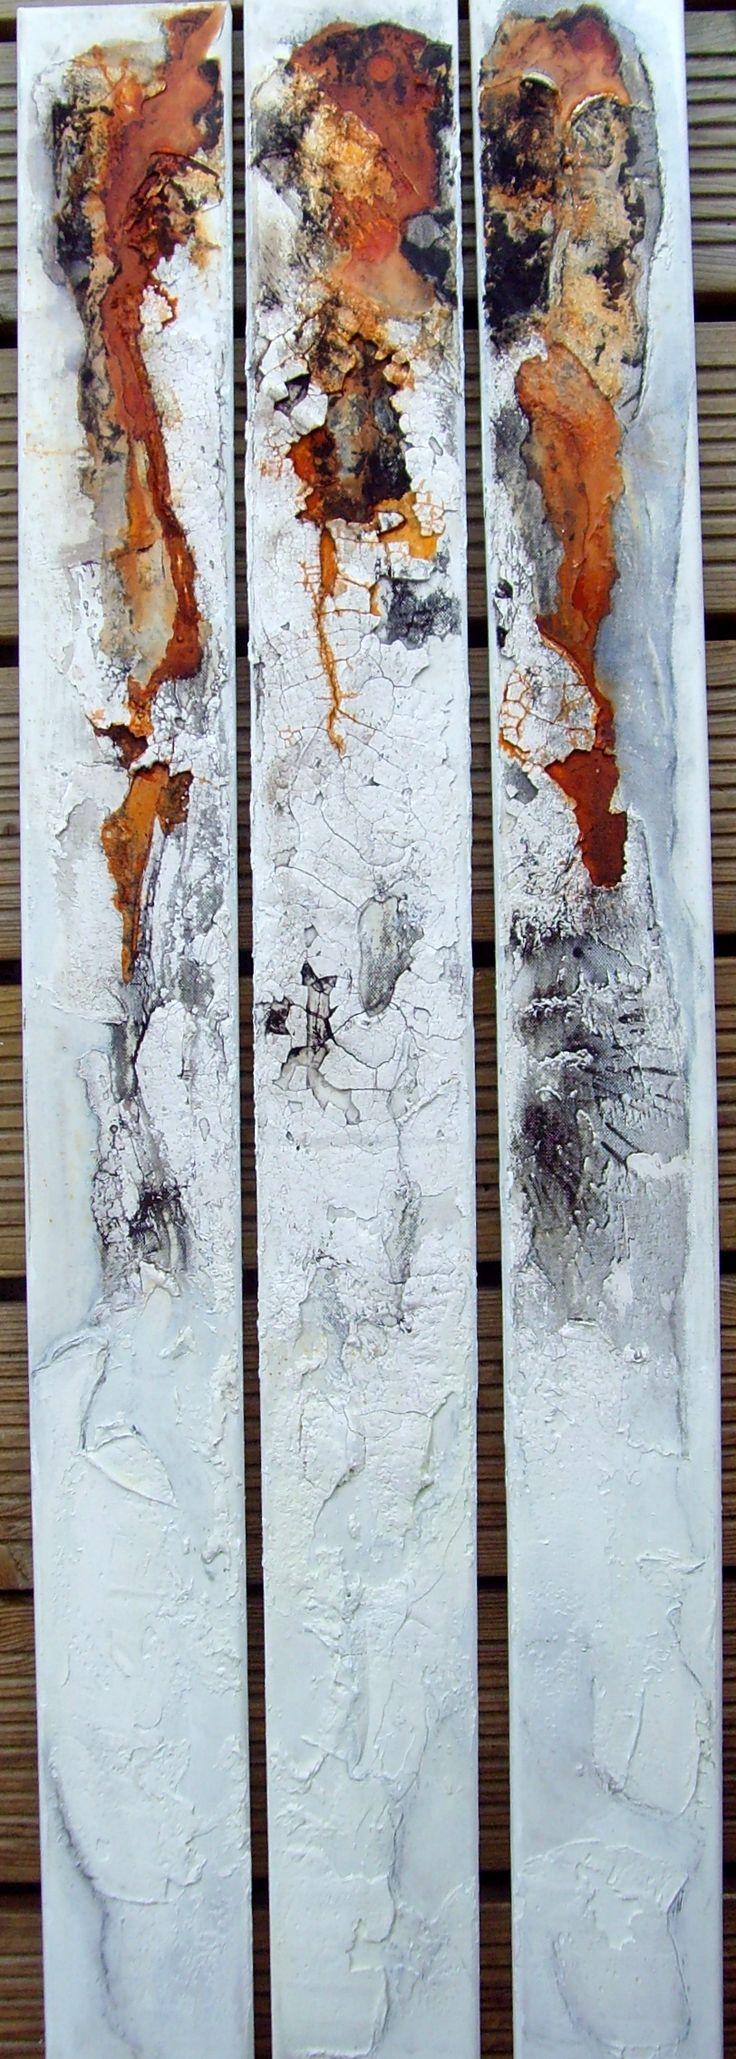 Kunst am Stückl 3 x 1m x 10cm Sumpfkalk und mehr ;o)